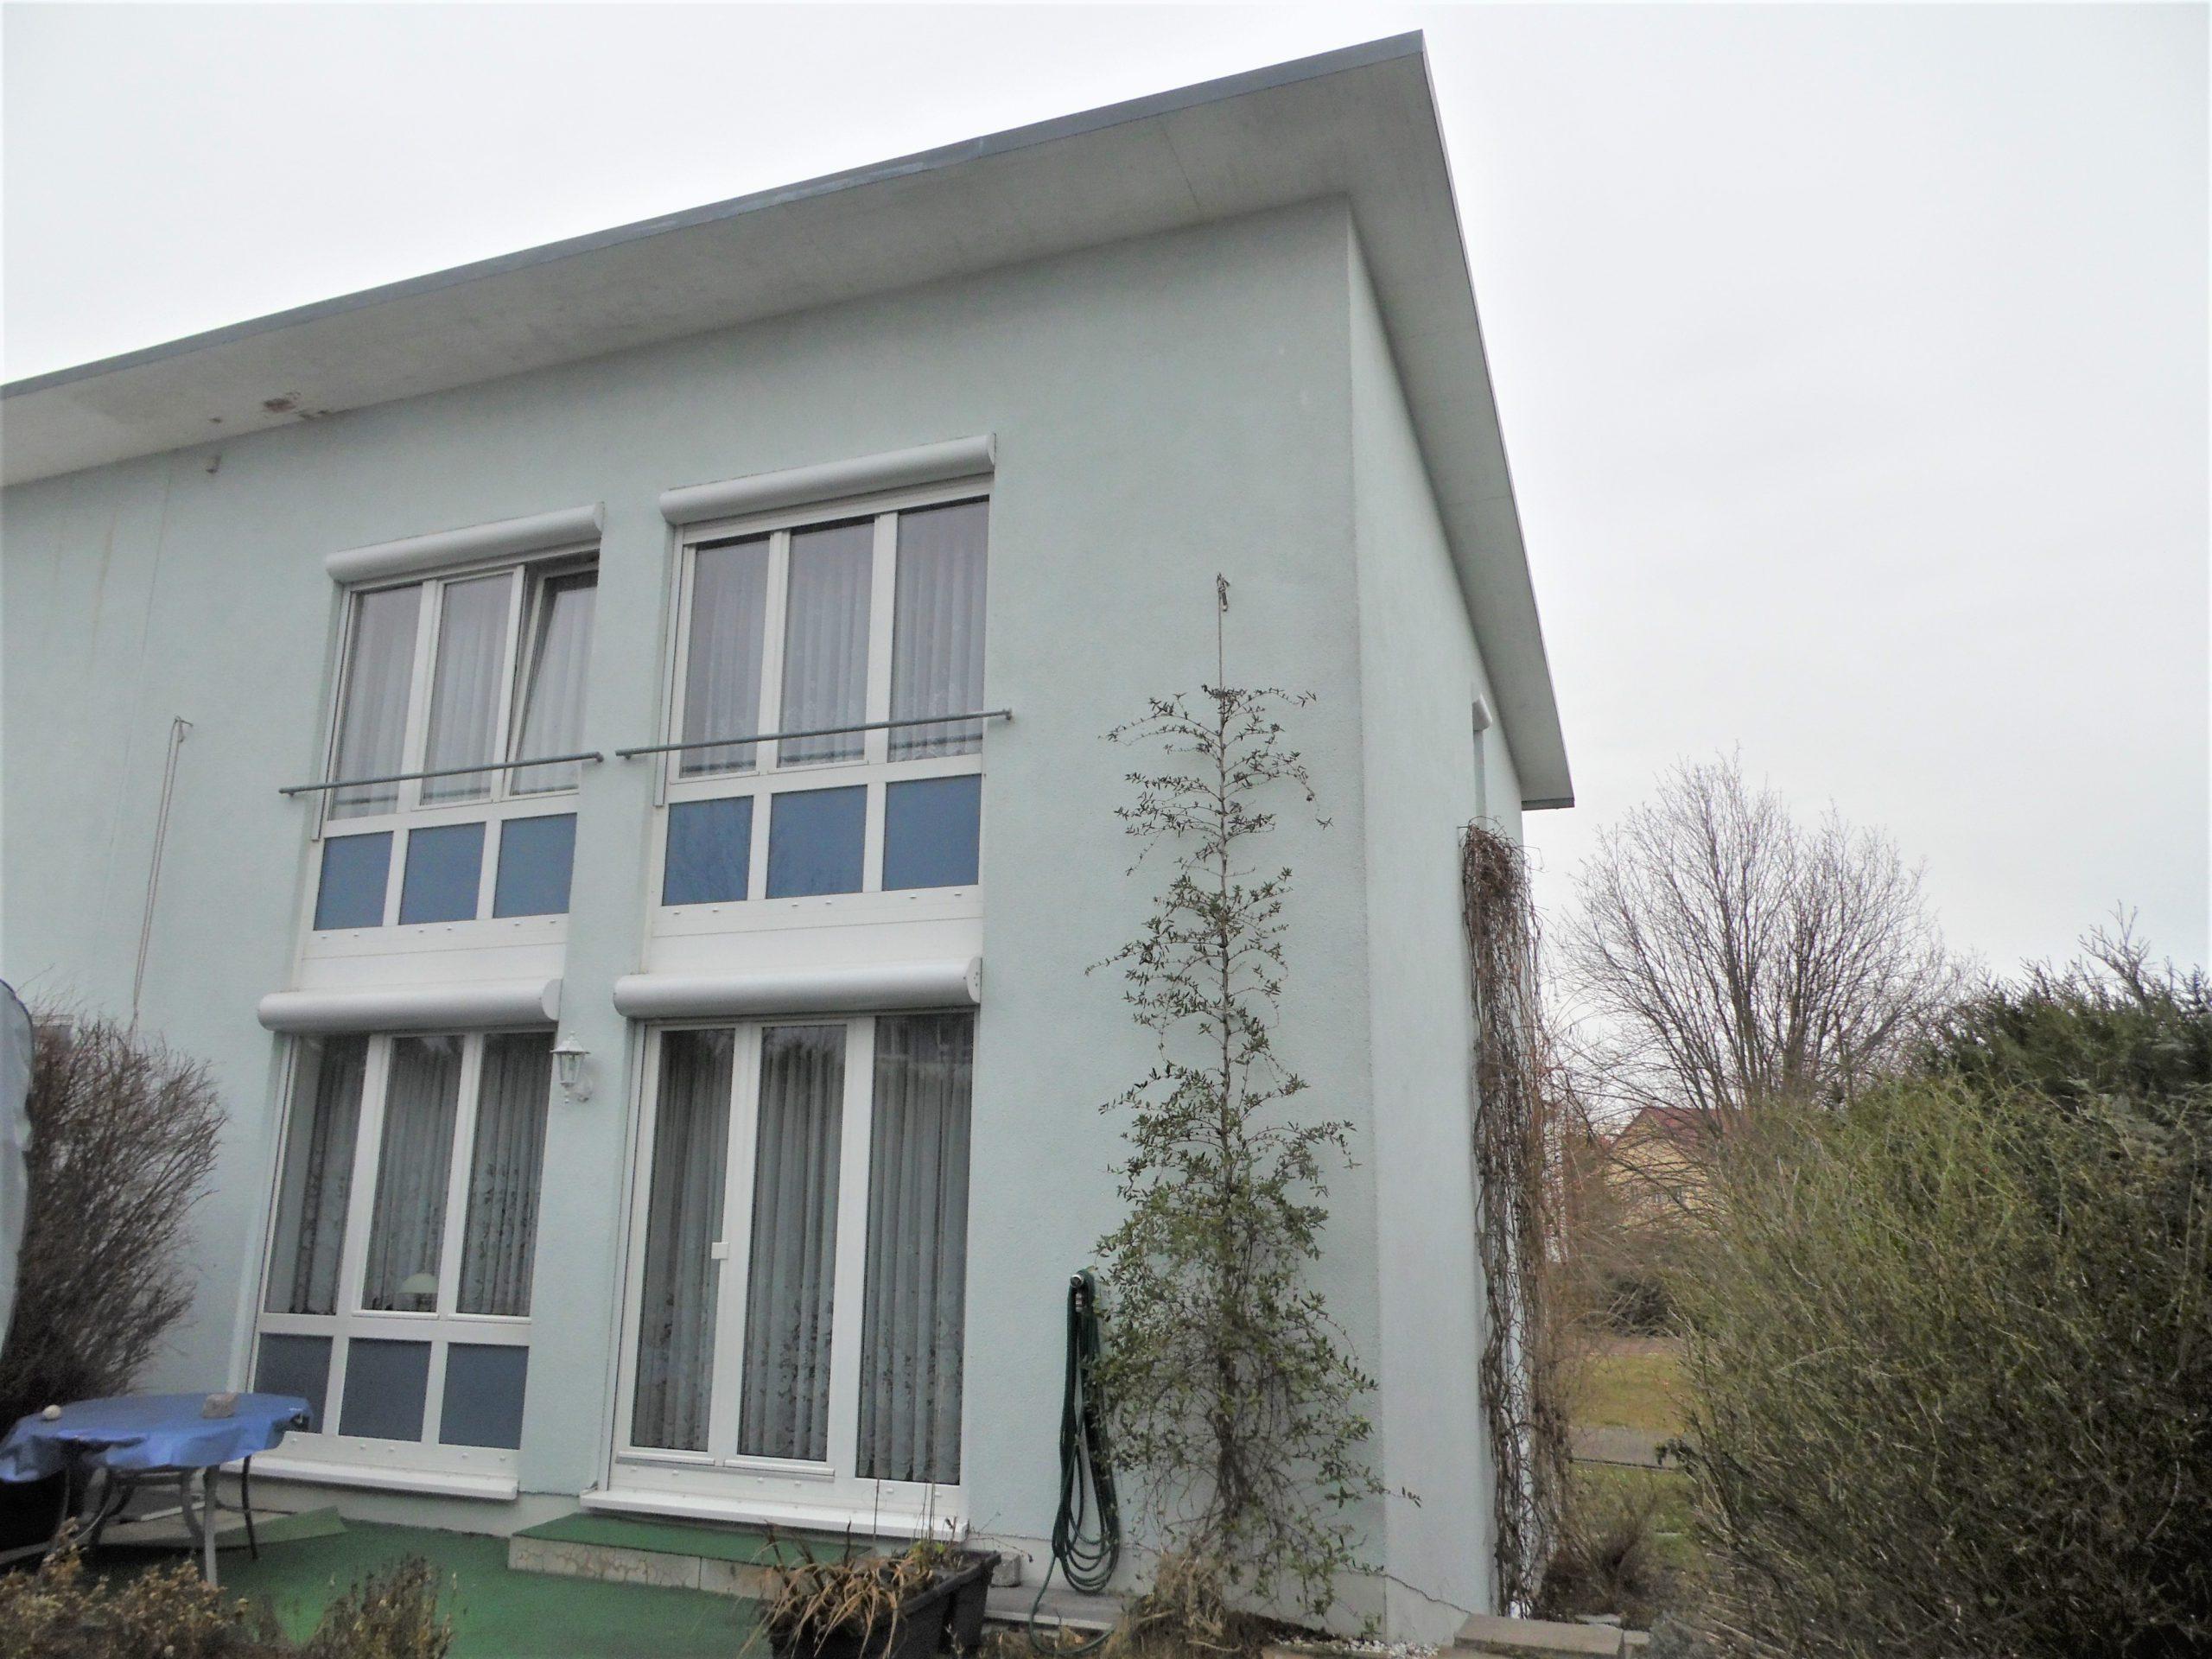 Einfamilienhaus in Heide-Süd - Hinteransicht